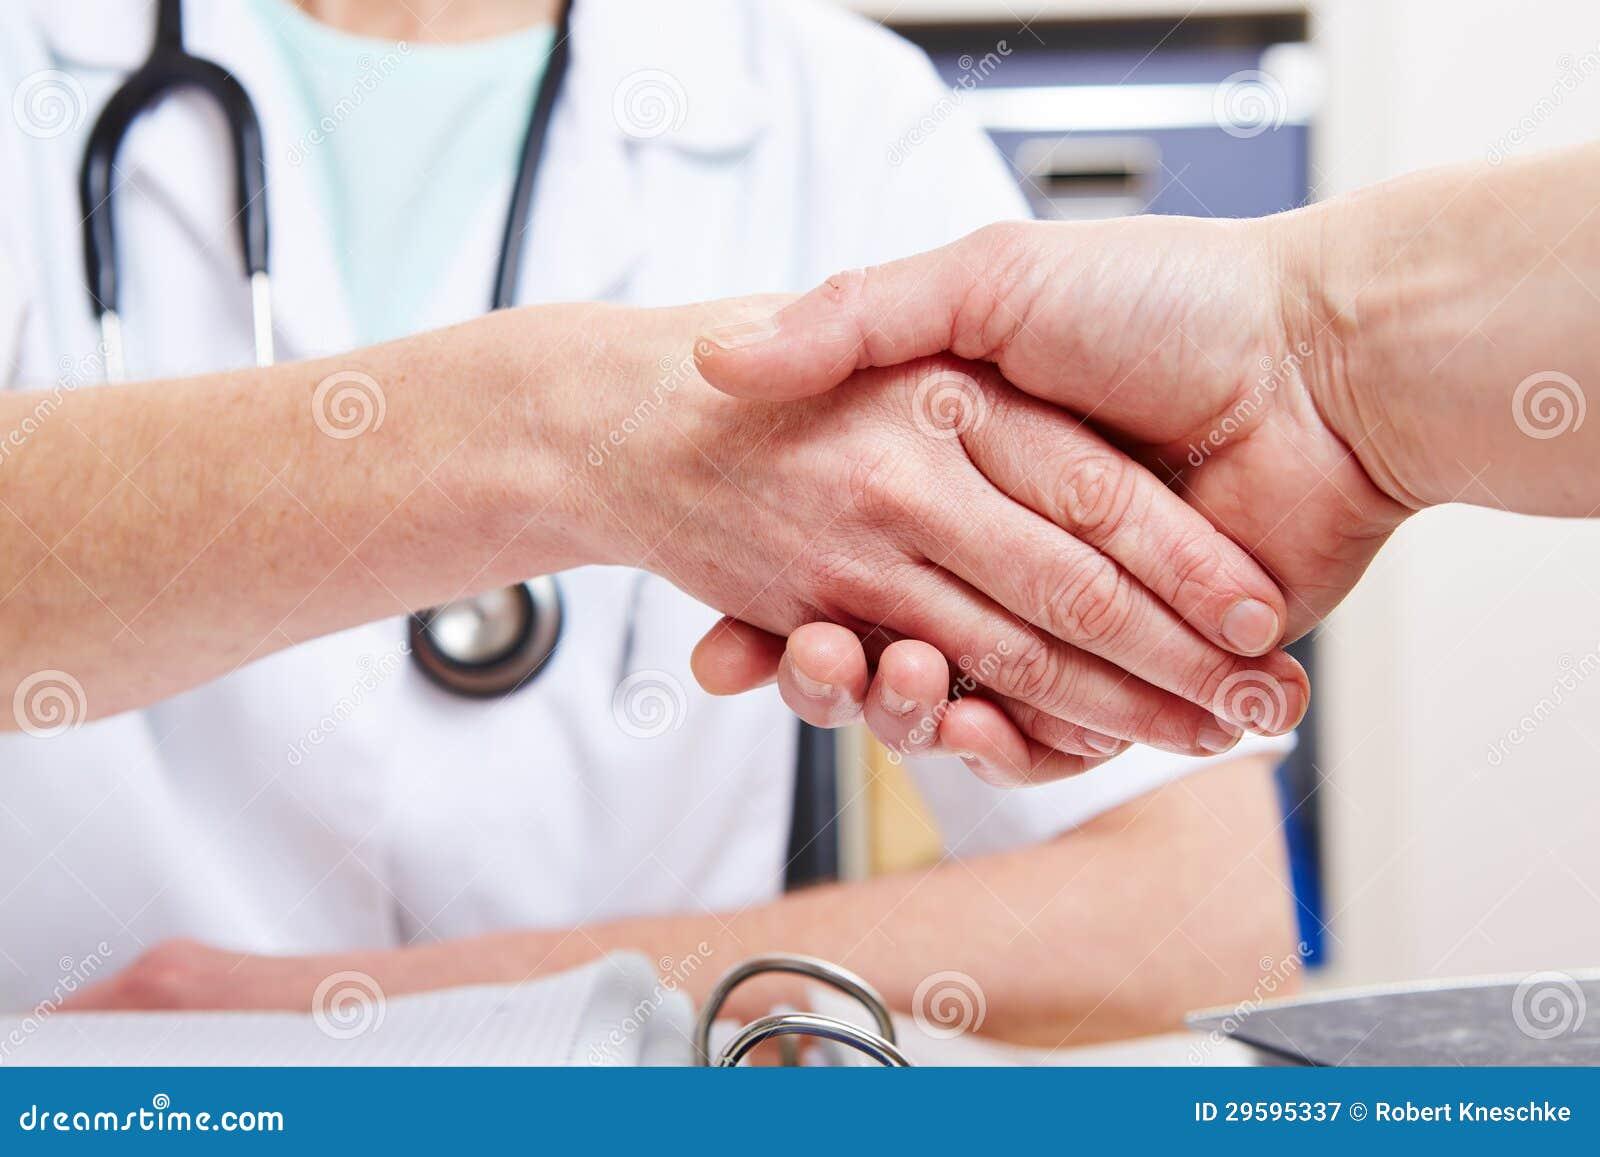 Диета при ревматоидном артрите универсальный